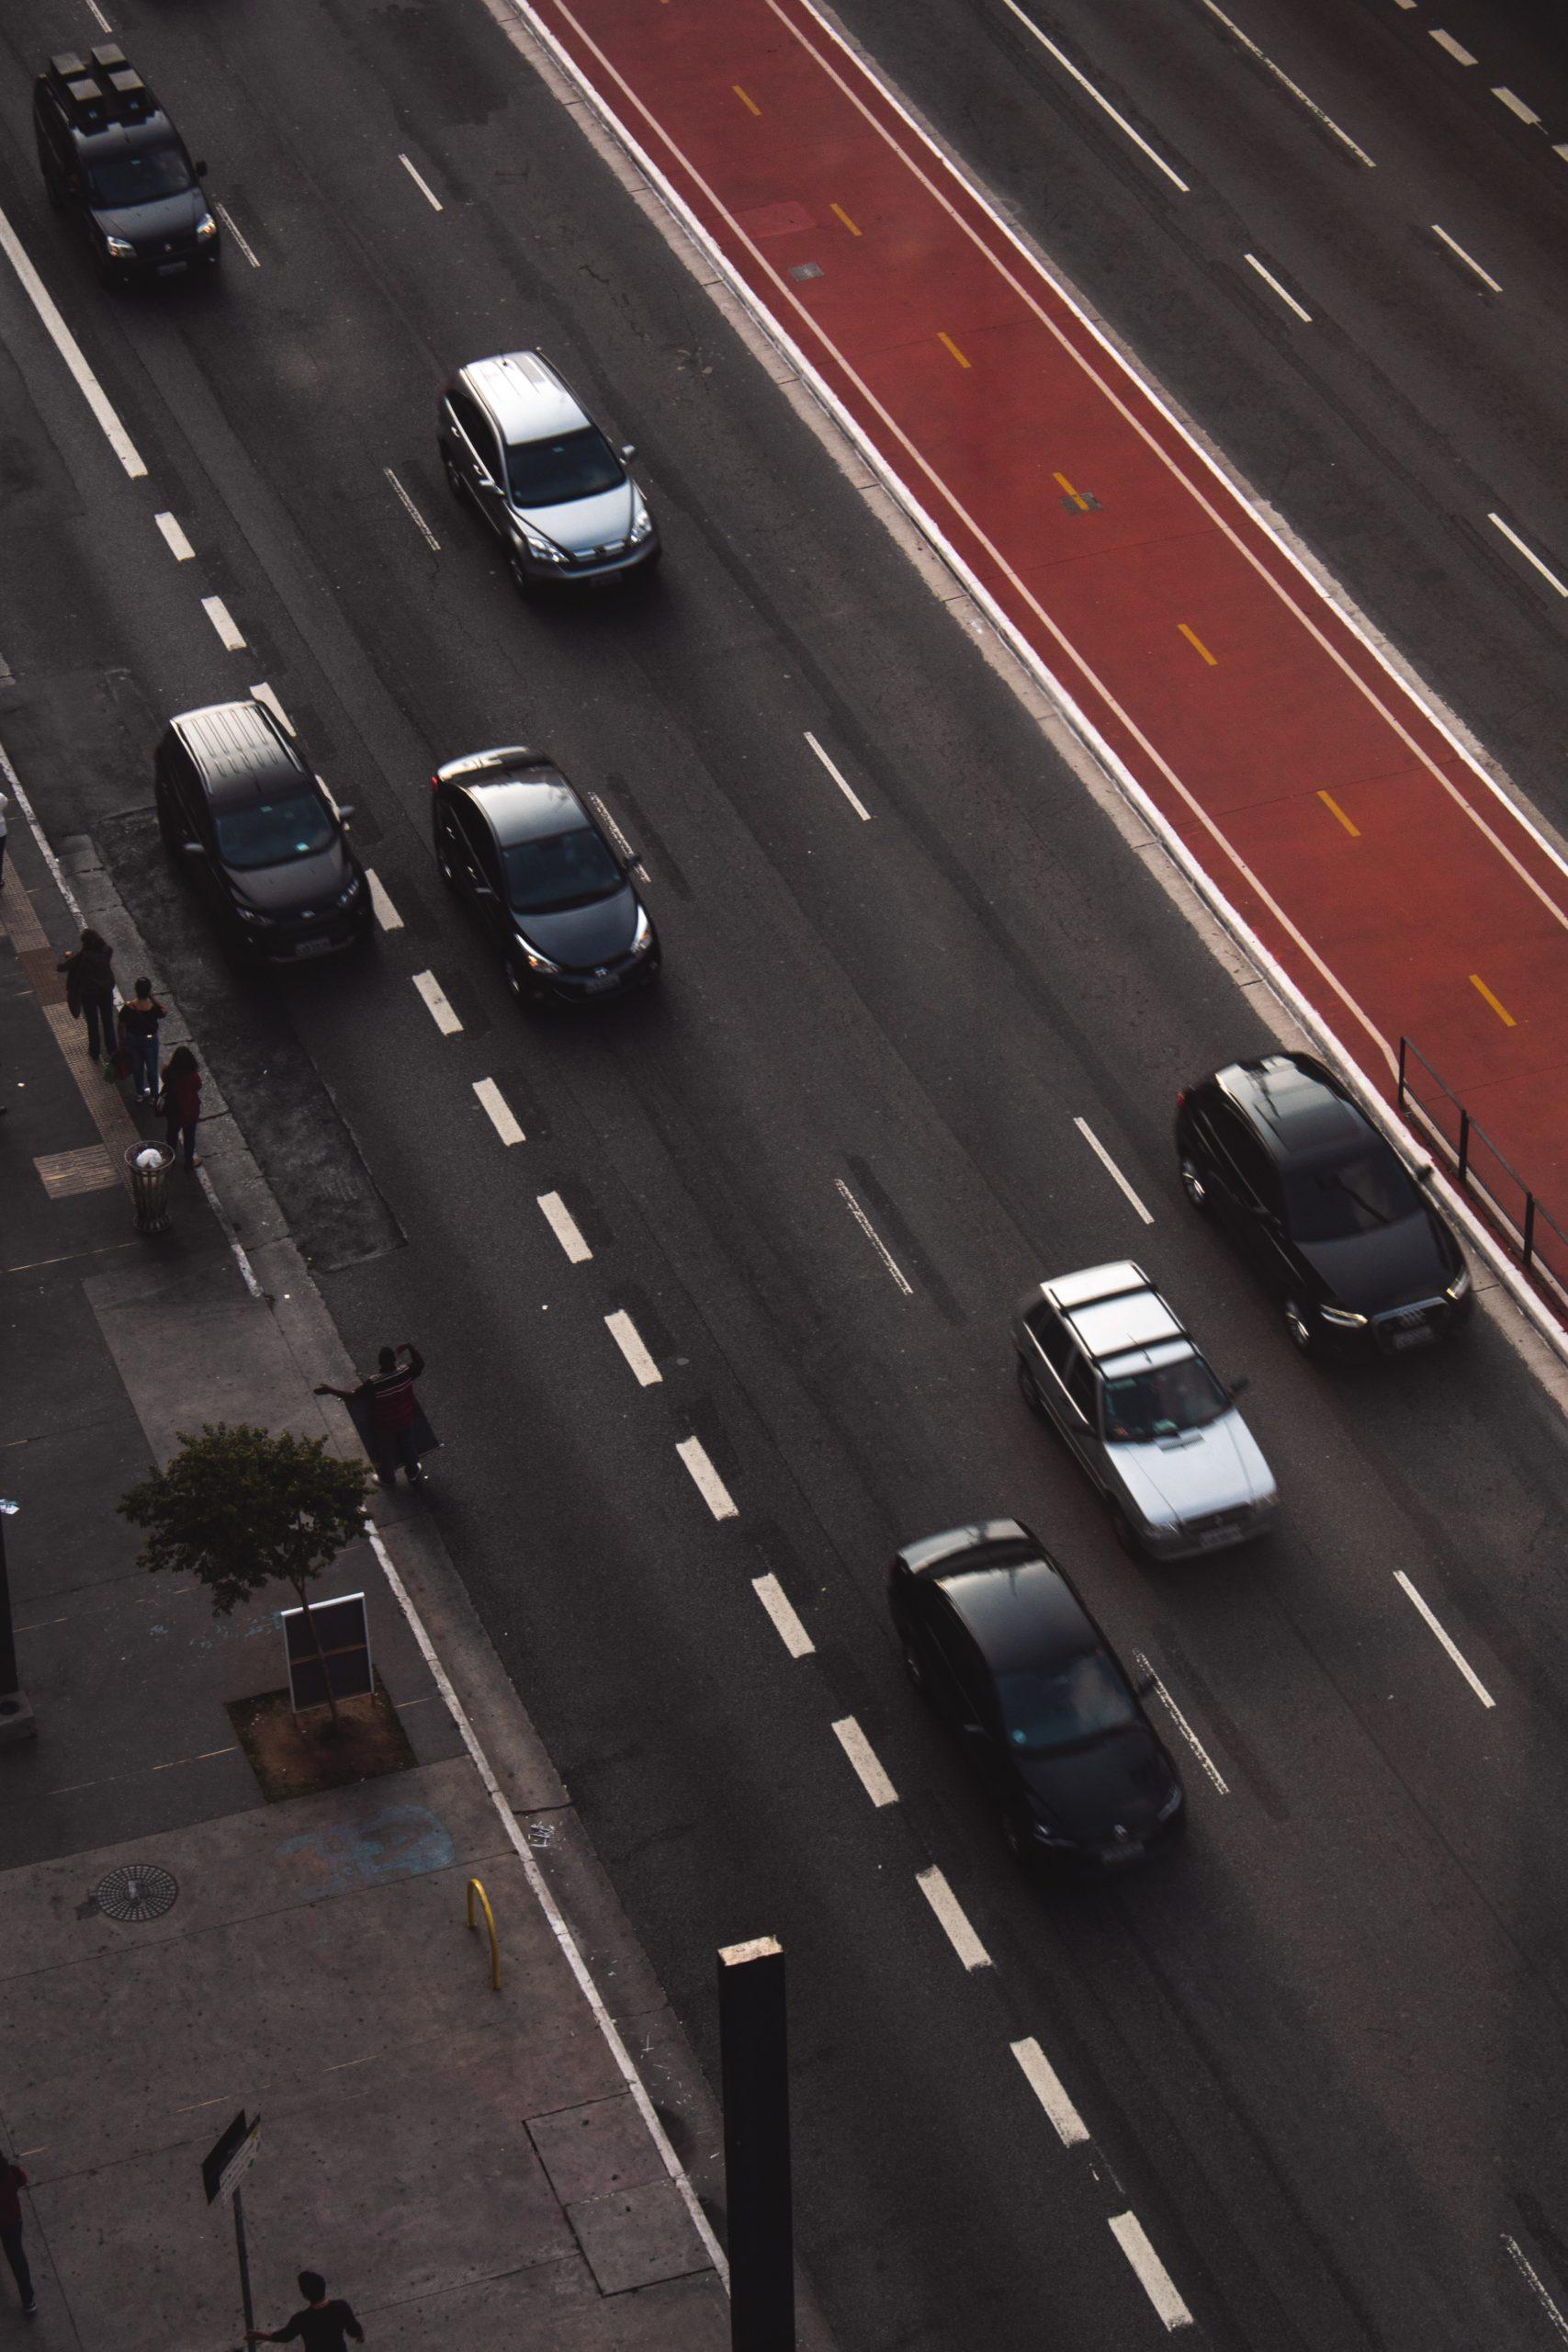 Abstandskontrolle auf Autobahnen zum Aufspüren von ...